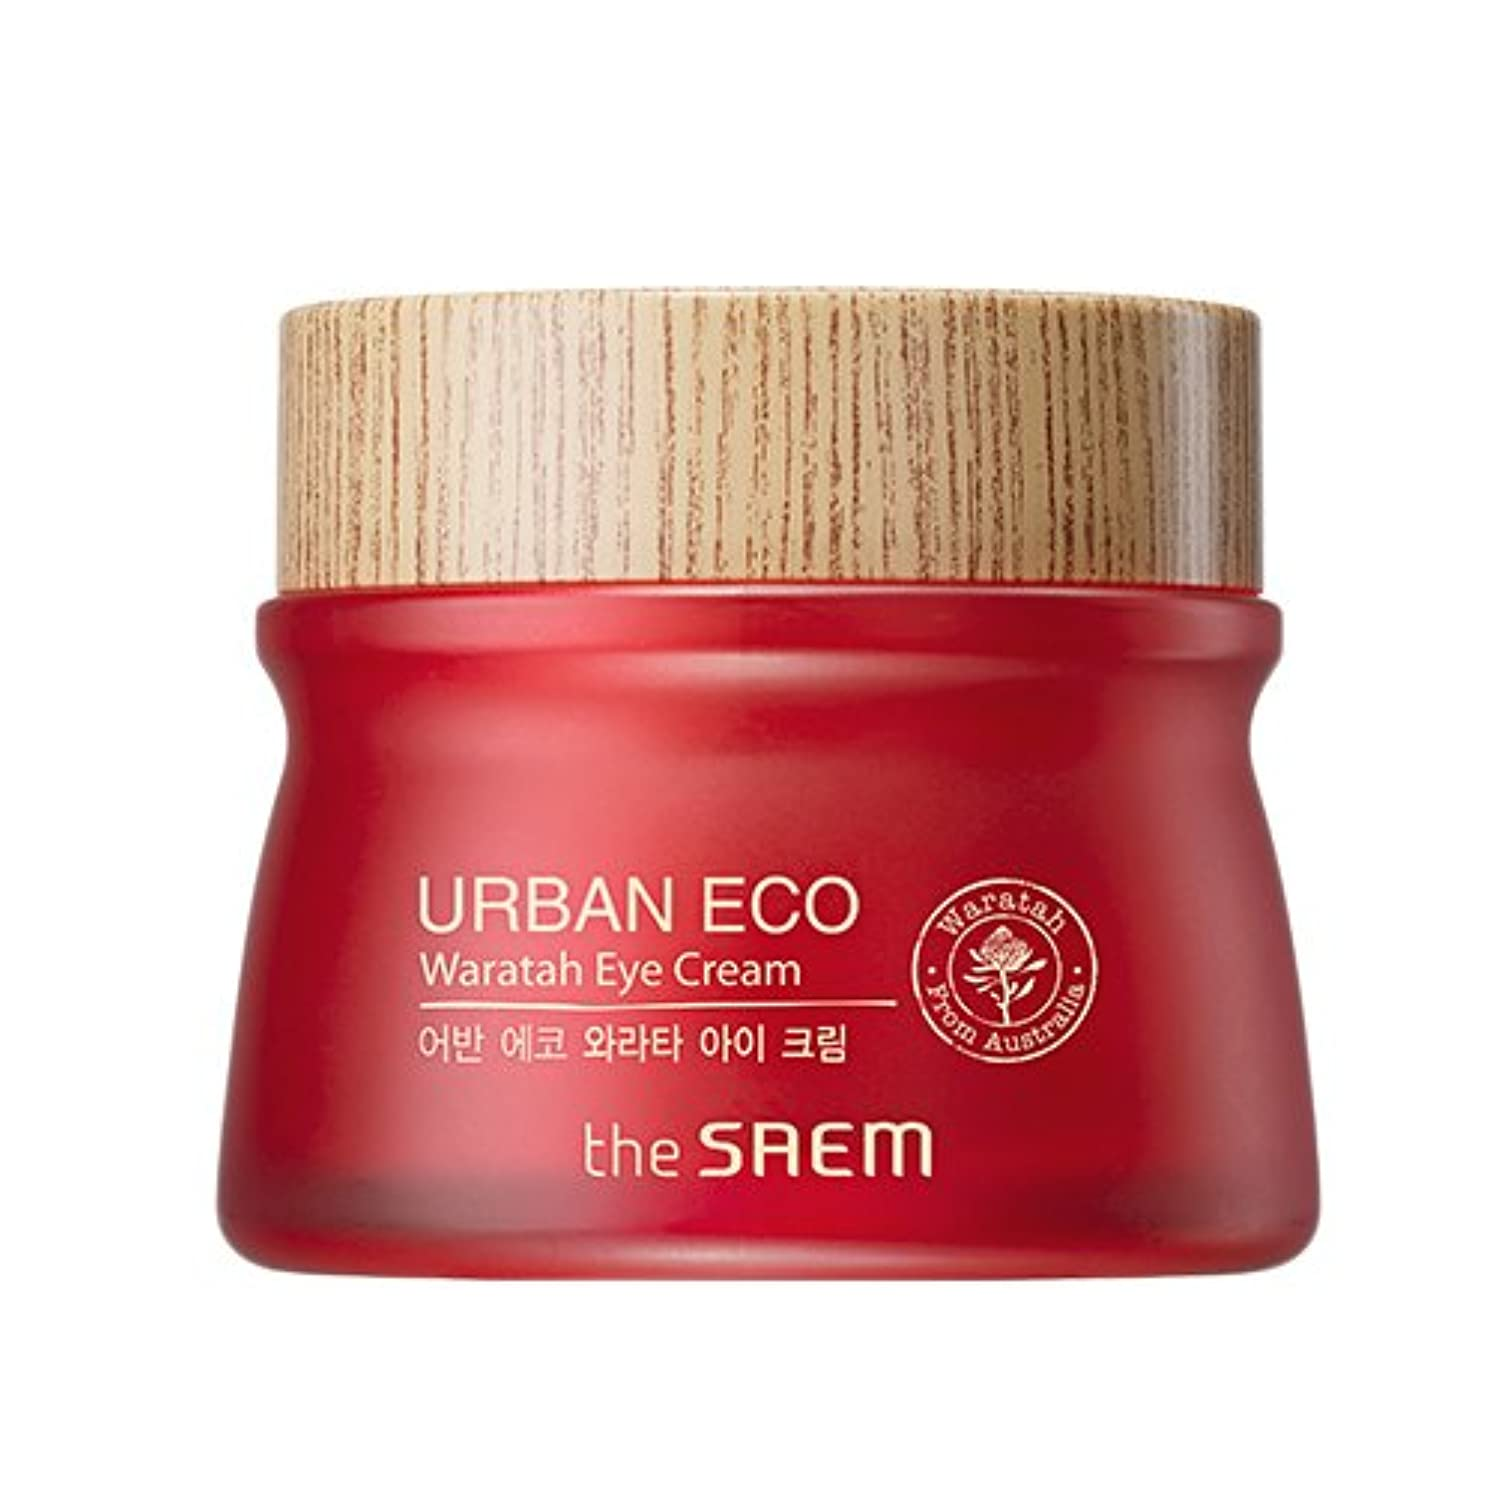 錫成功したモンキードセム アーバンエコワラターアイクリーム 30ml Urban Eco Waratah Eye Cream [並行輸入品]